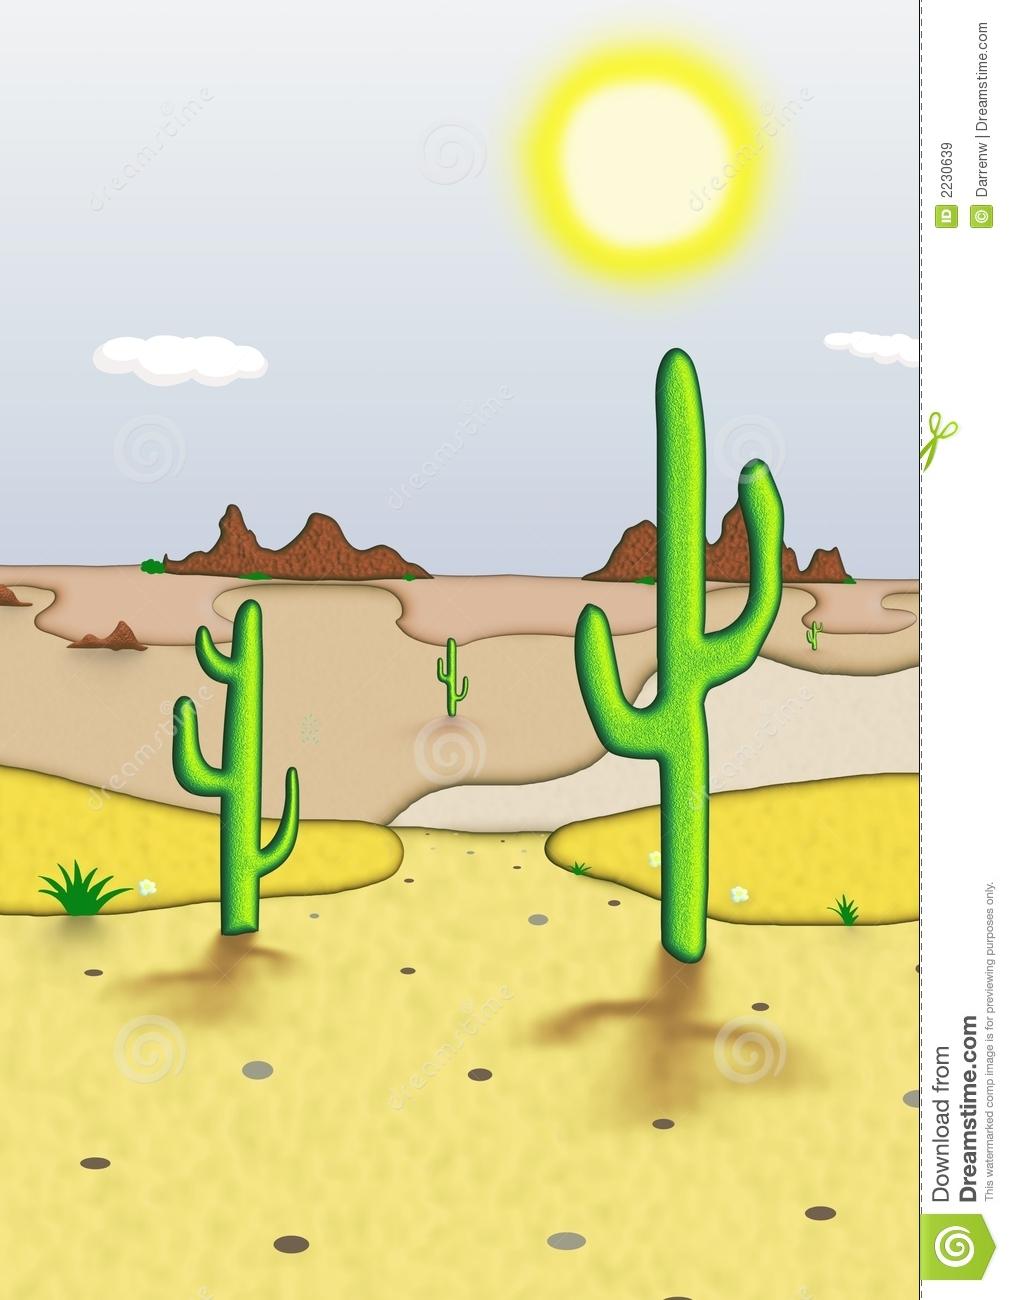 Clip Art Desert Clip Art desert scenes clipart kid royalty free stock images image 2230639